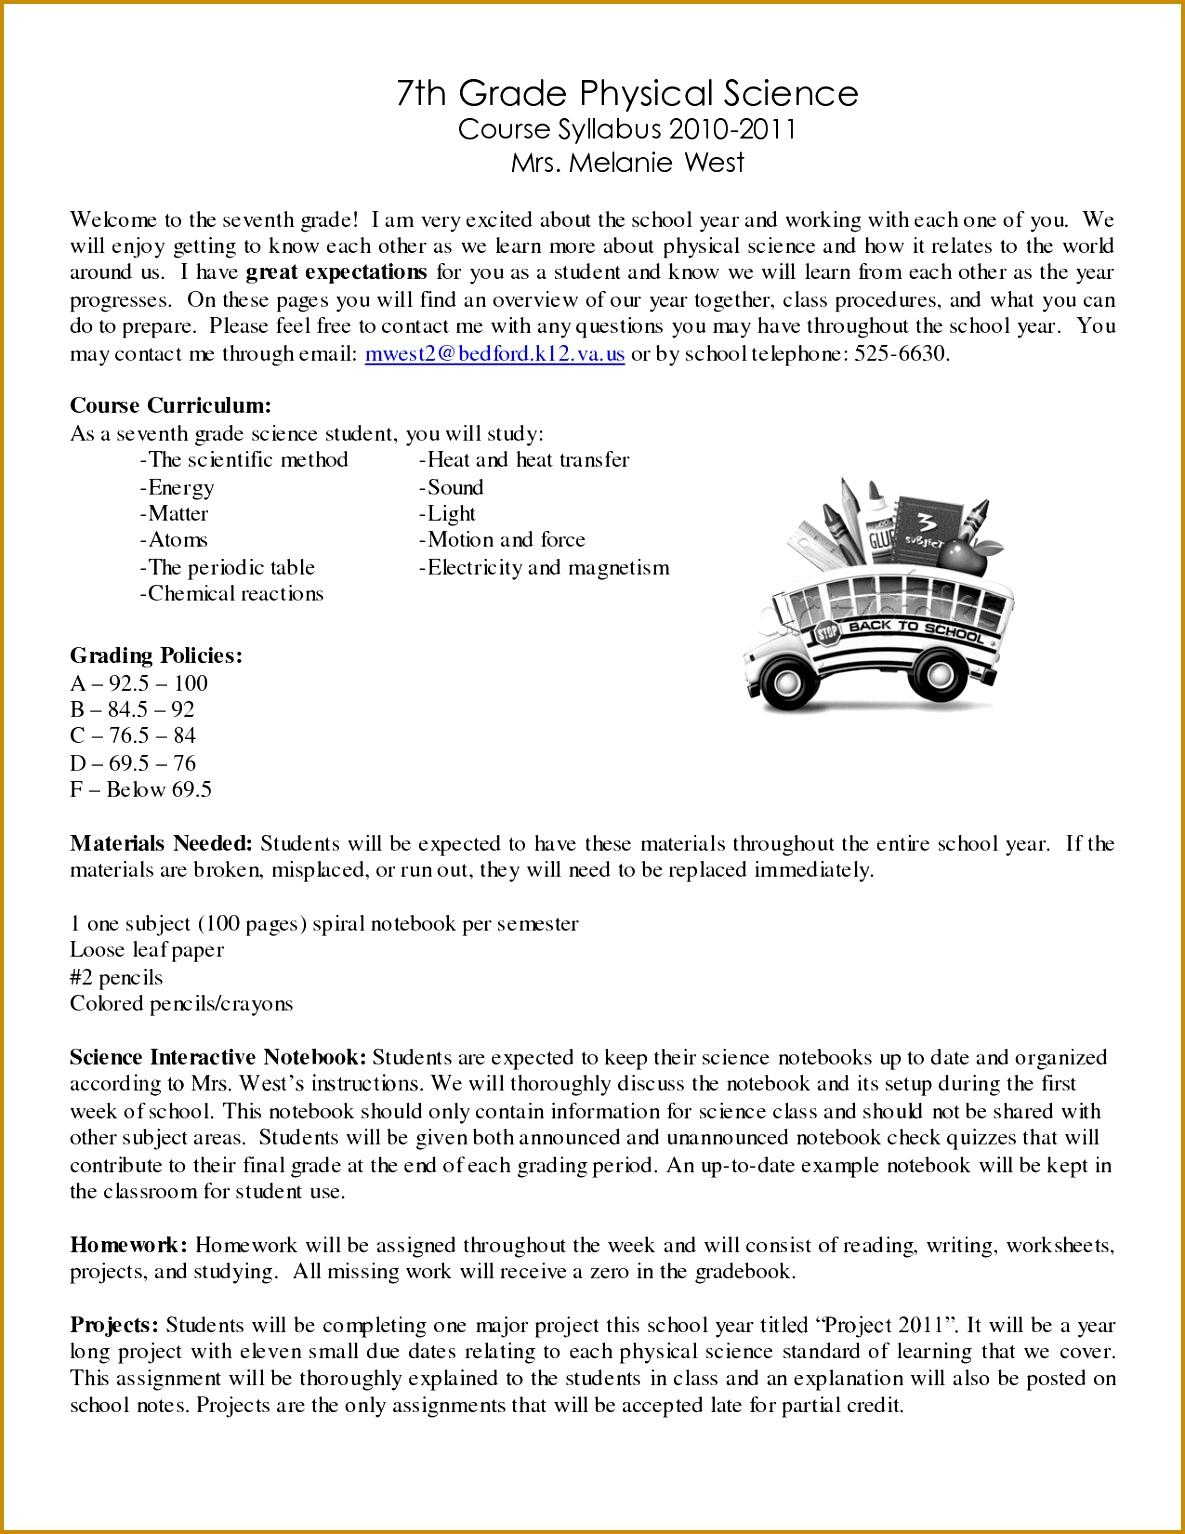 7 Free Printable Grammar Worksheets